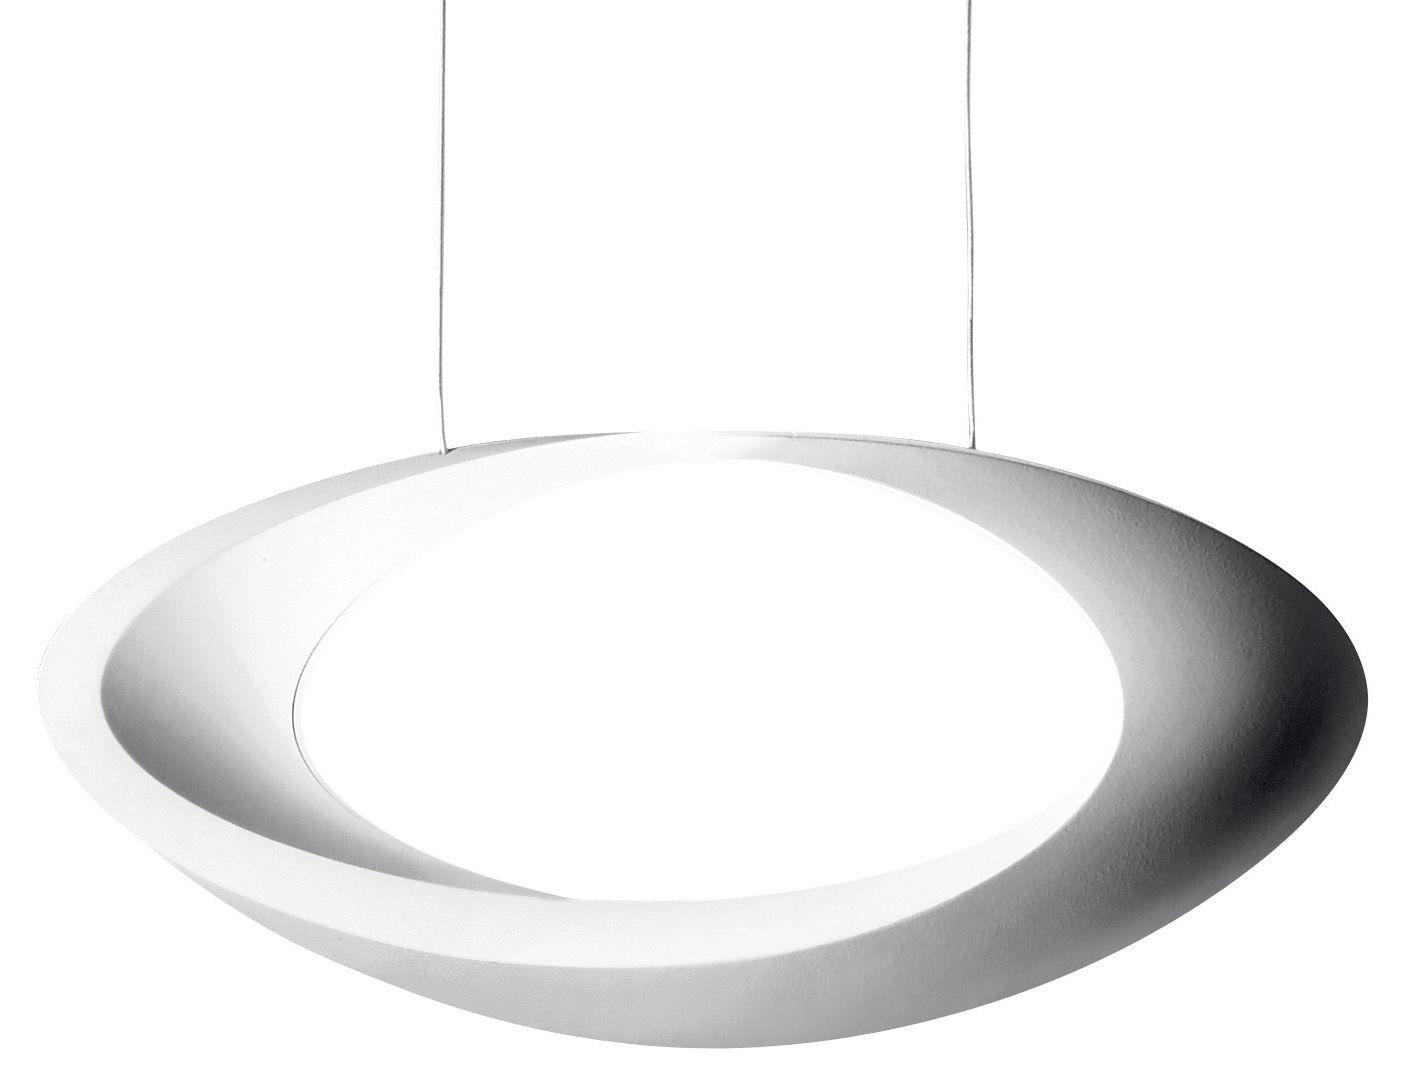 Luminaire - Suspensions - Suspension Cabildo - Artemide - Blanc - Aluminium peint